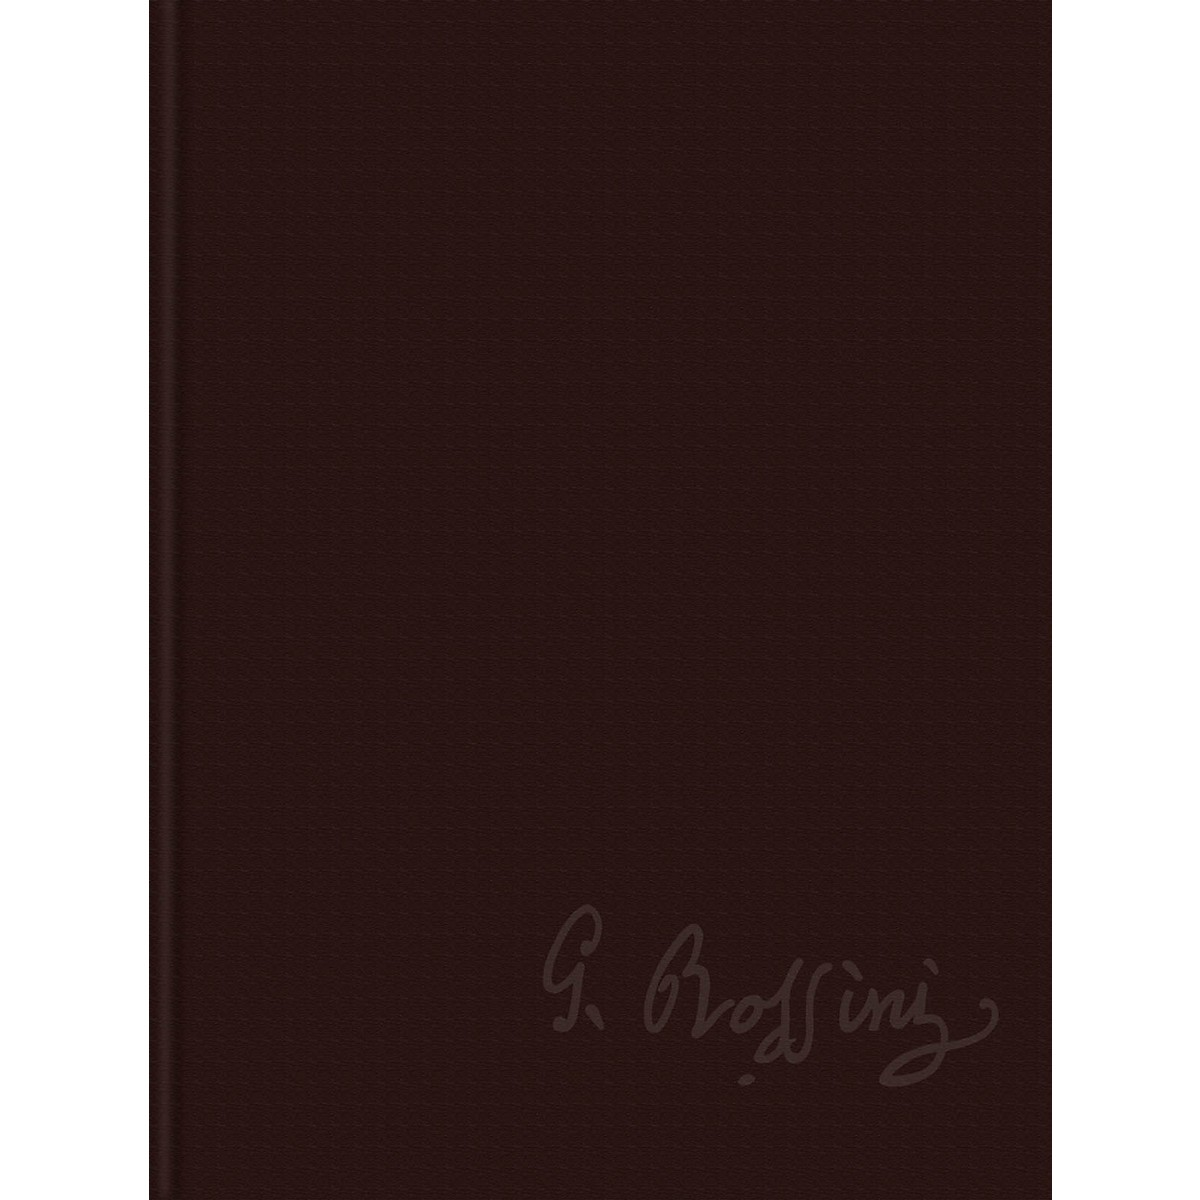 Ricordi Sei Sonate a Quattro Rossini Critical Edition Series VI, Vol. 4 Score and Parts Hardcover by Rossini